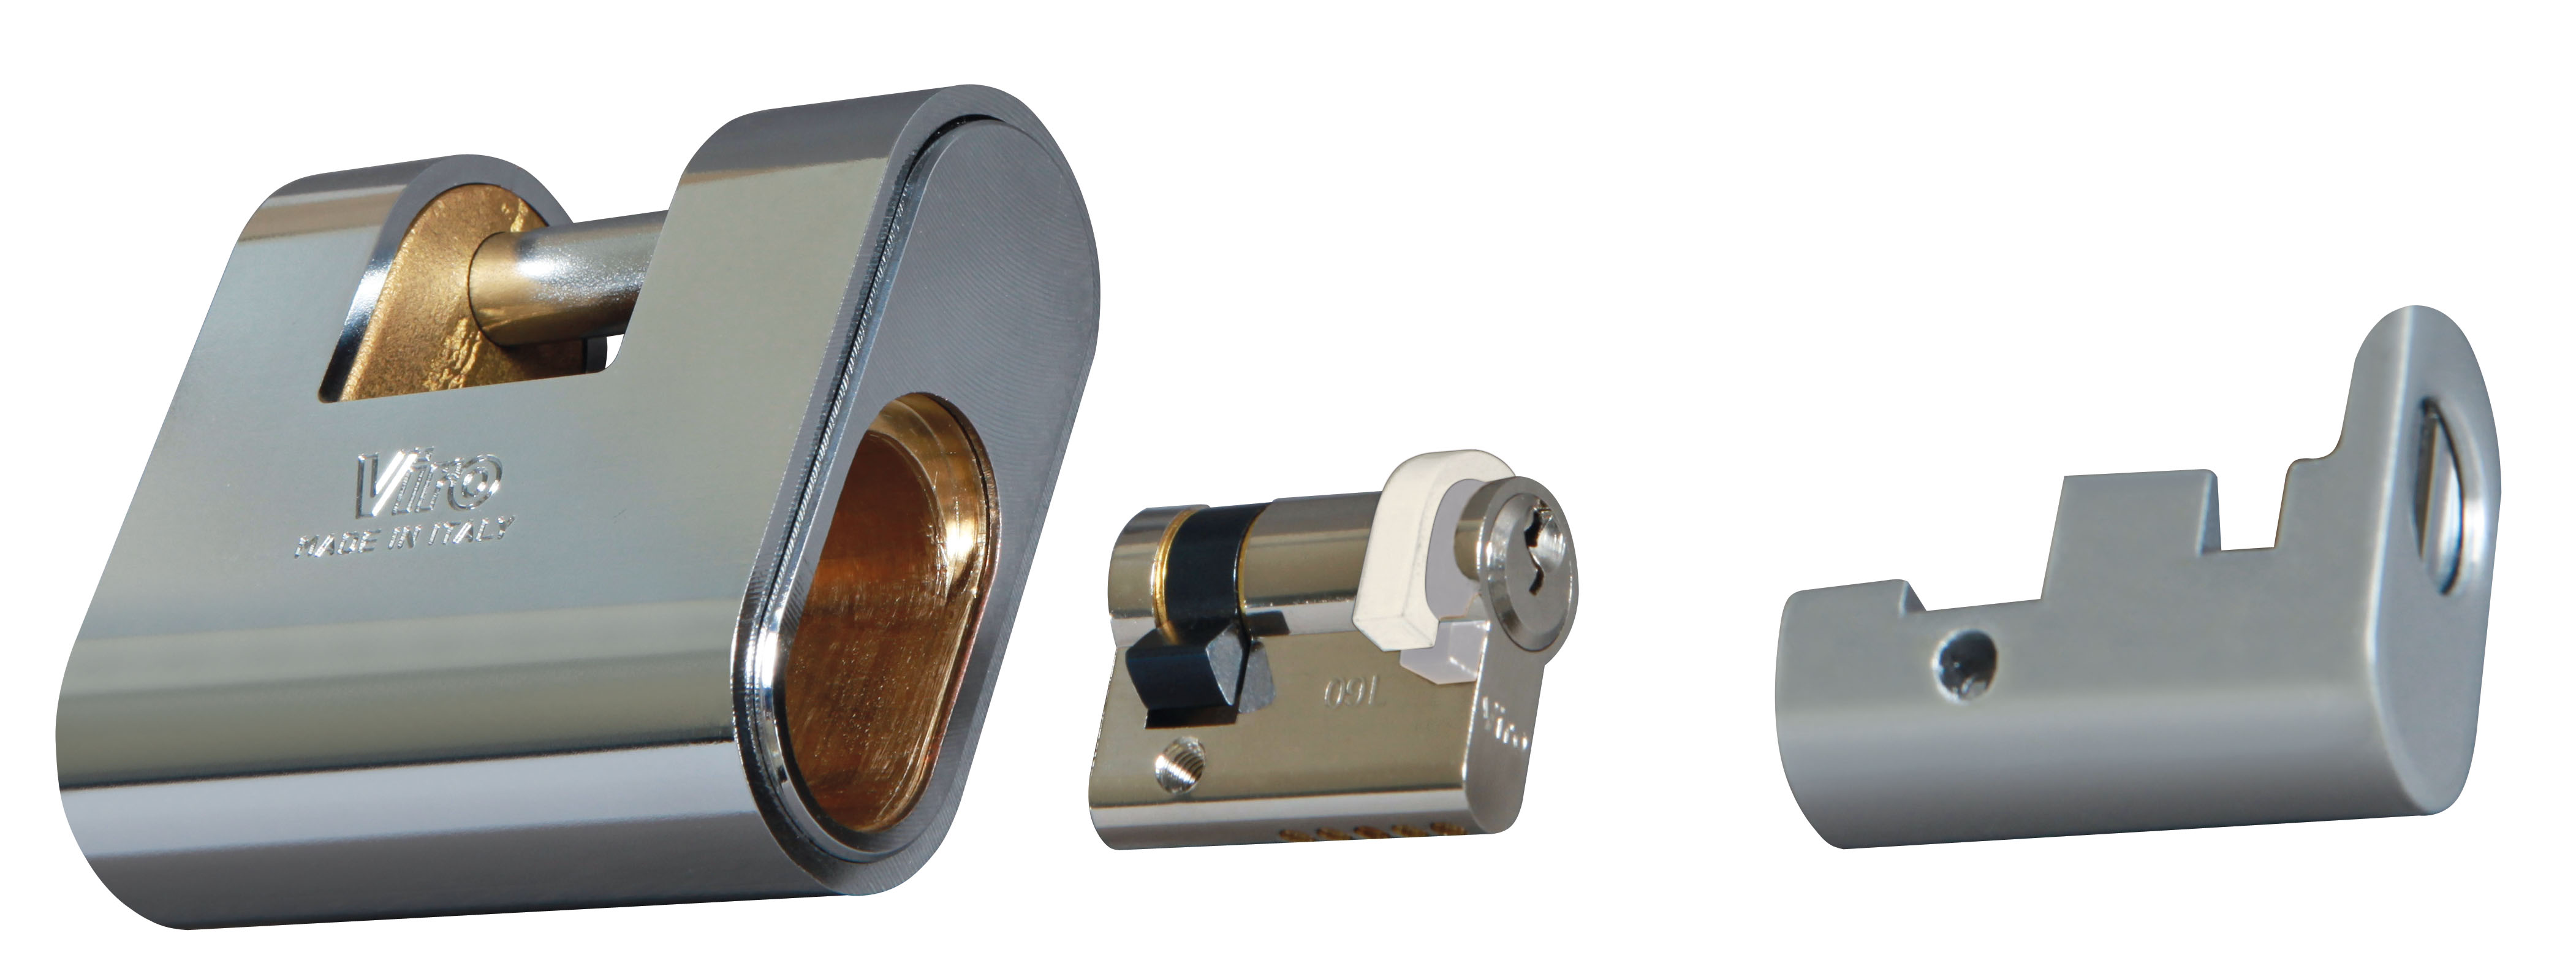 Si pu migliorare uno dei migliori lucchetti in for Estrarre chiave rotta da cilindro